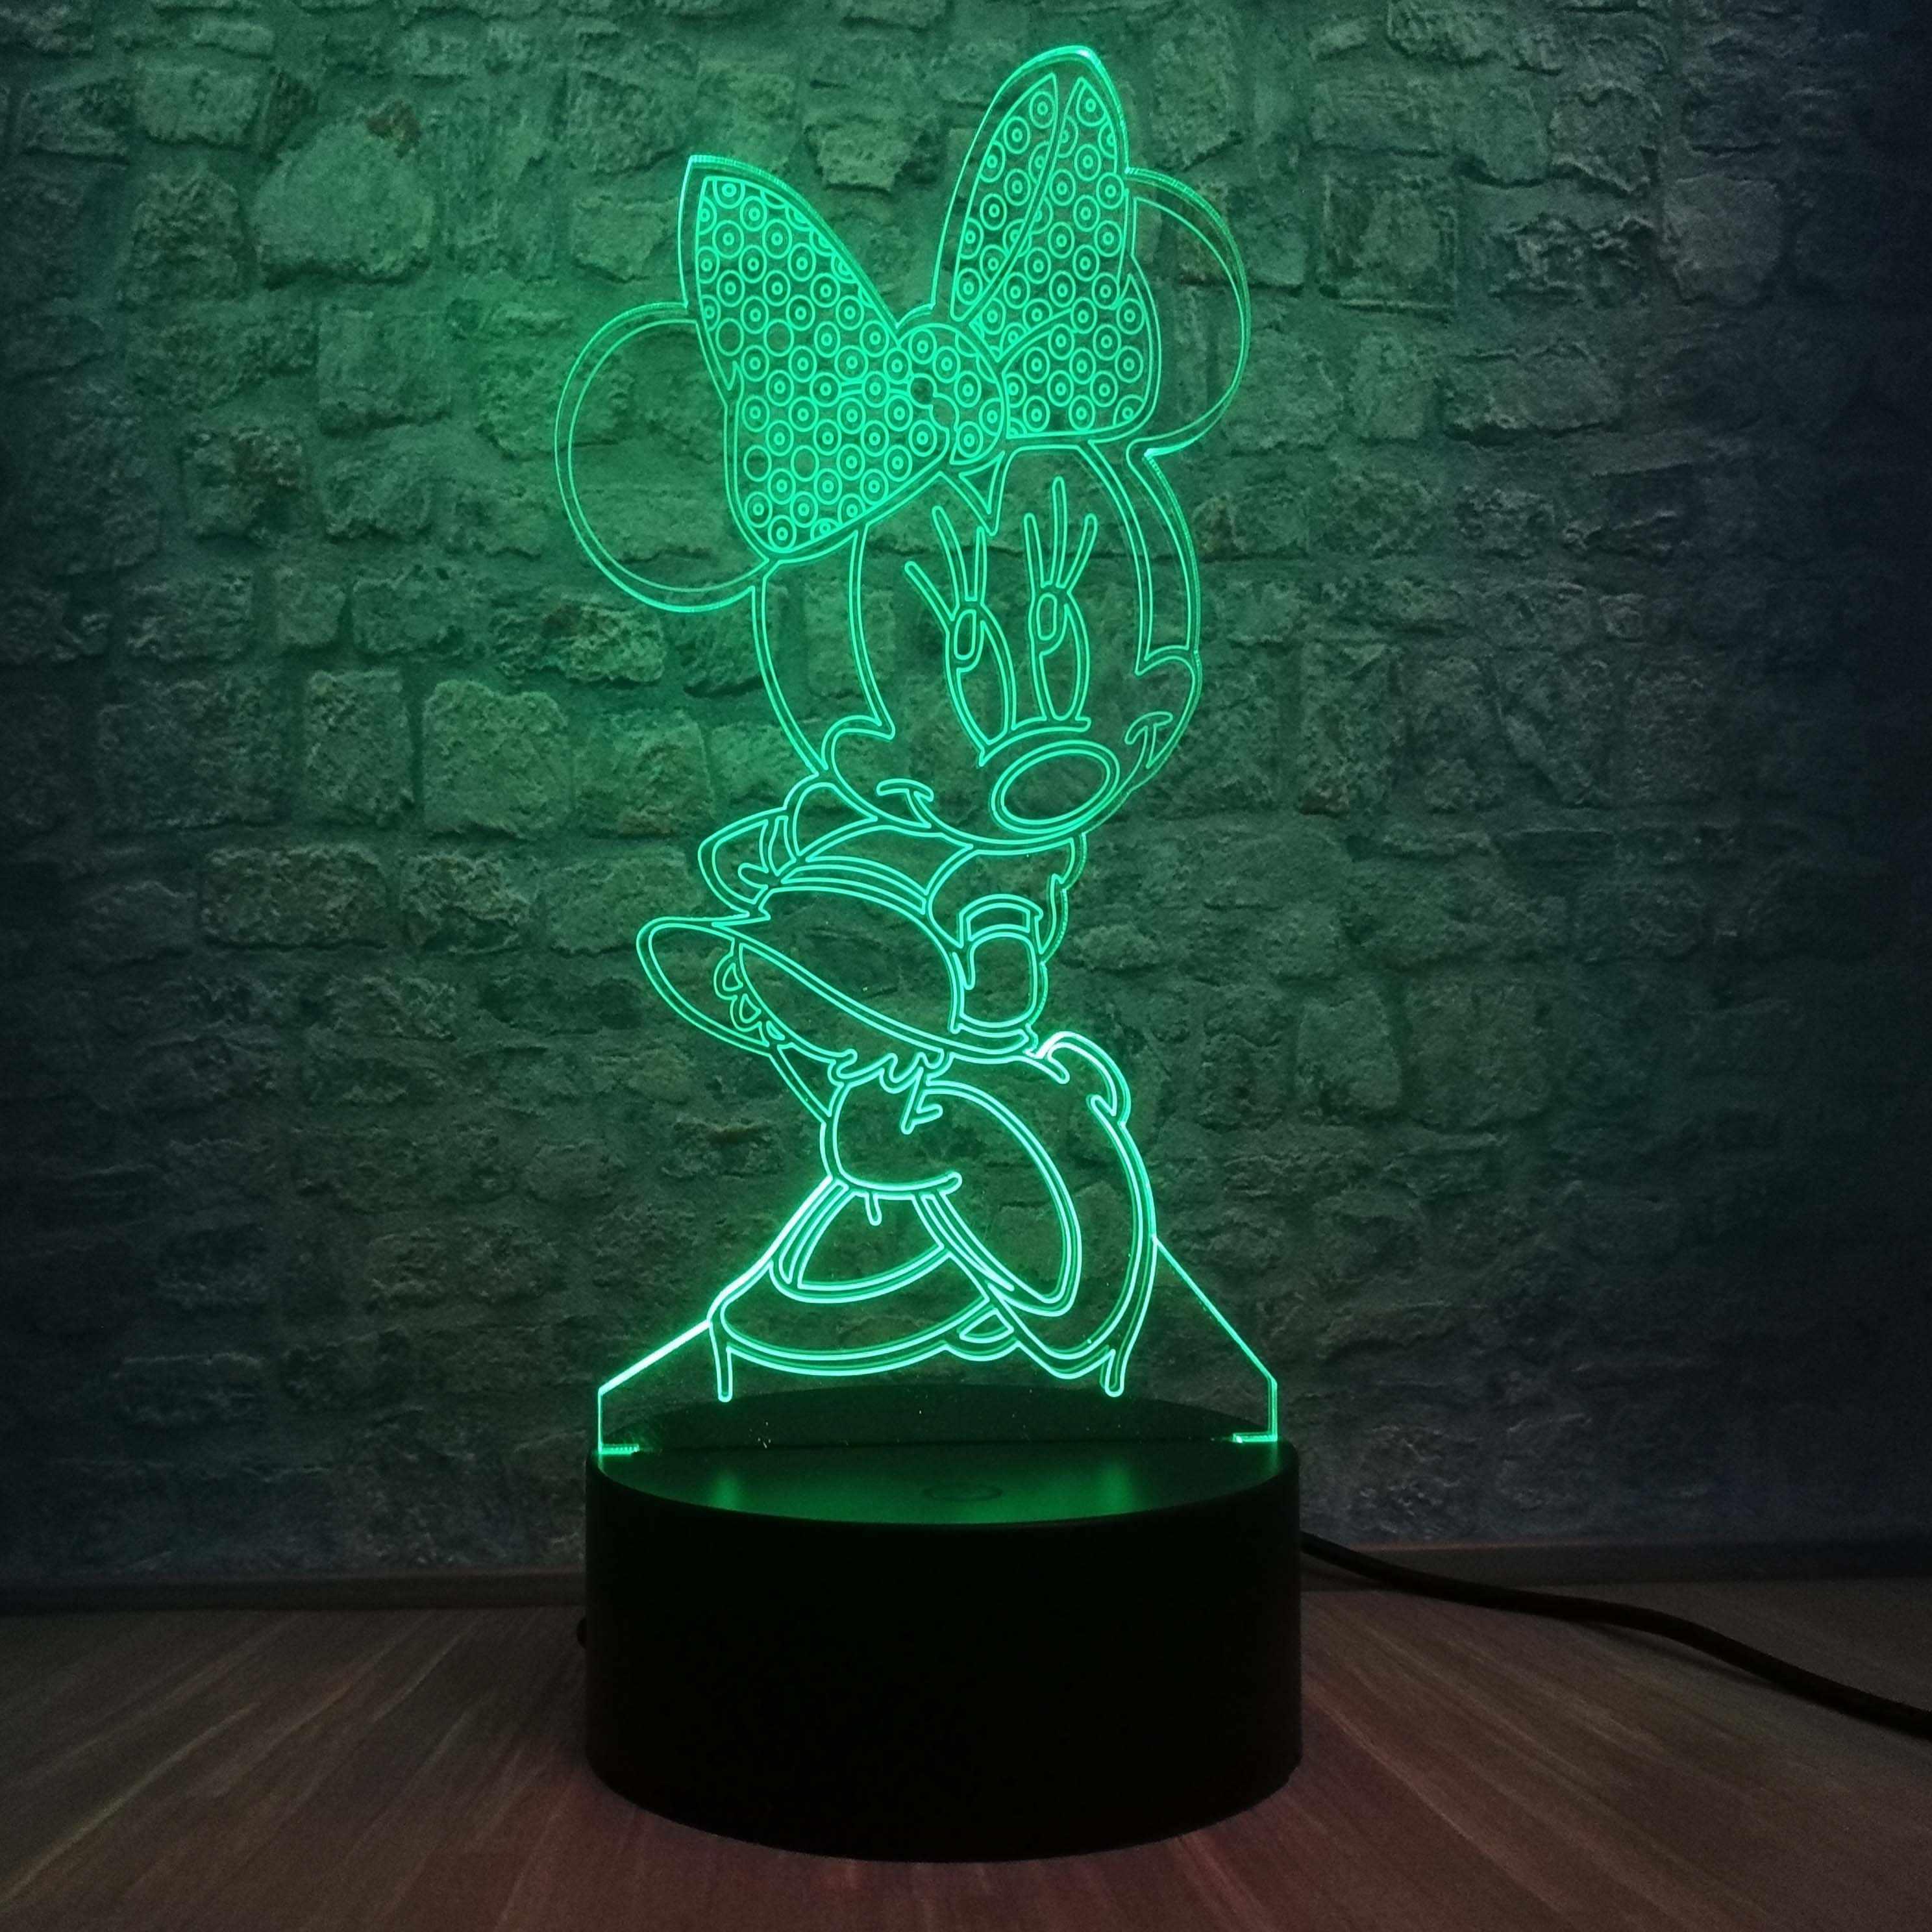 3D светодиодный светильник для спальни с изображением Минни Микки, настольный ночник, 7 цветов, лампа для украшения детской спальни, подарок для детей, Прямая поставка